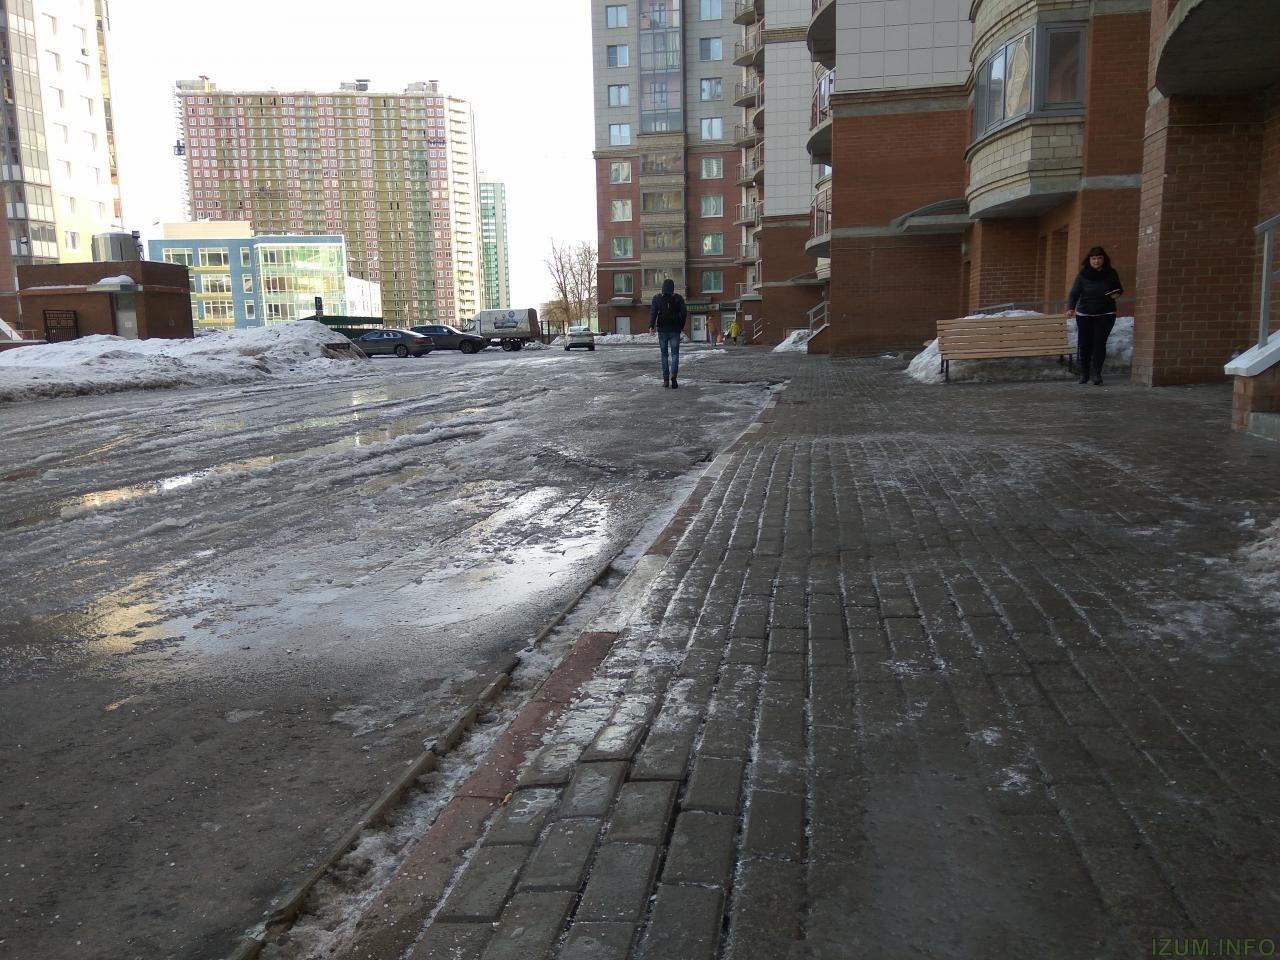 Изумрудные холмы тратуары кривые и во льду (1).jpg